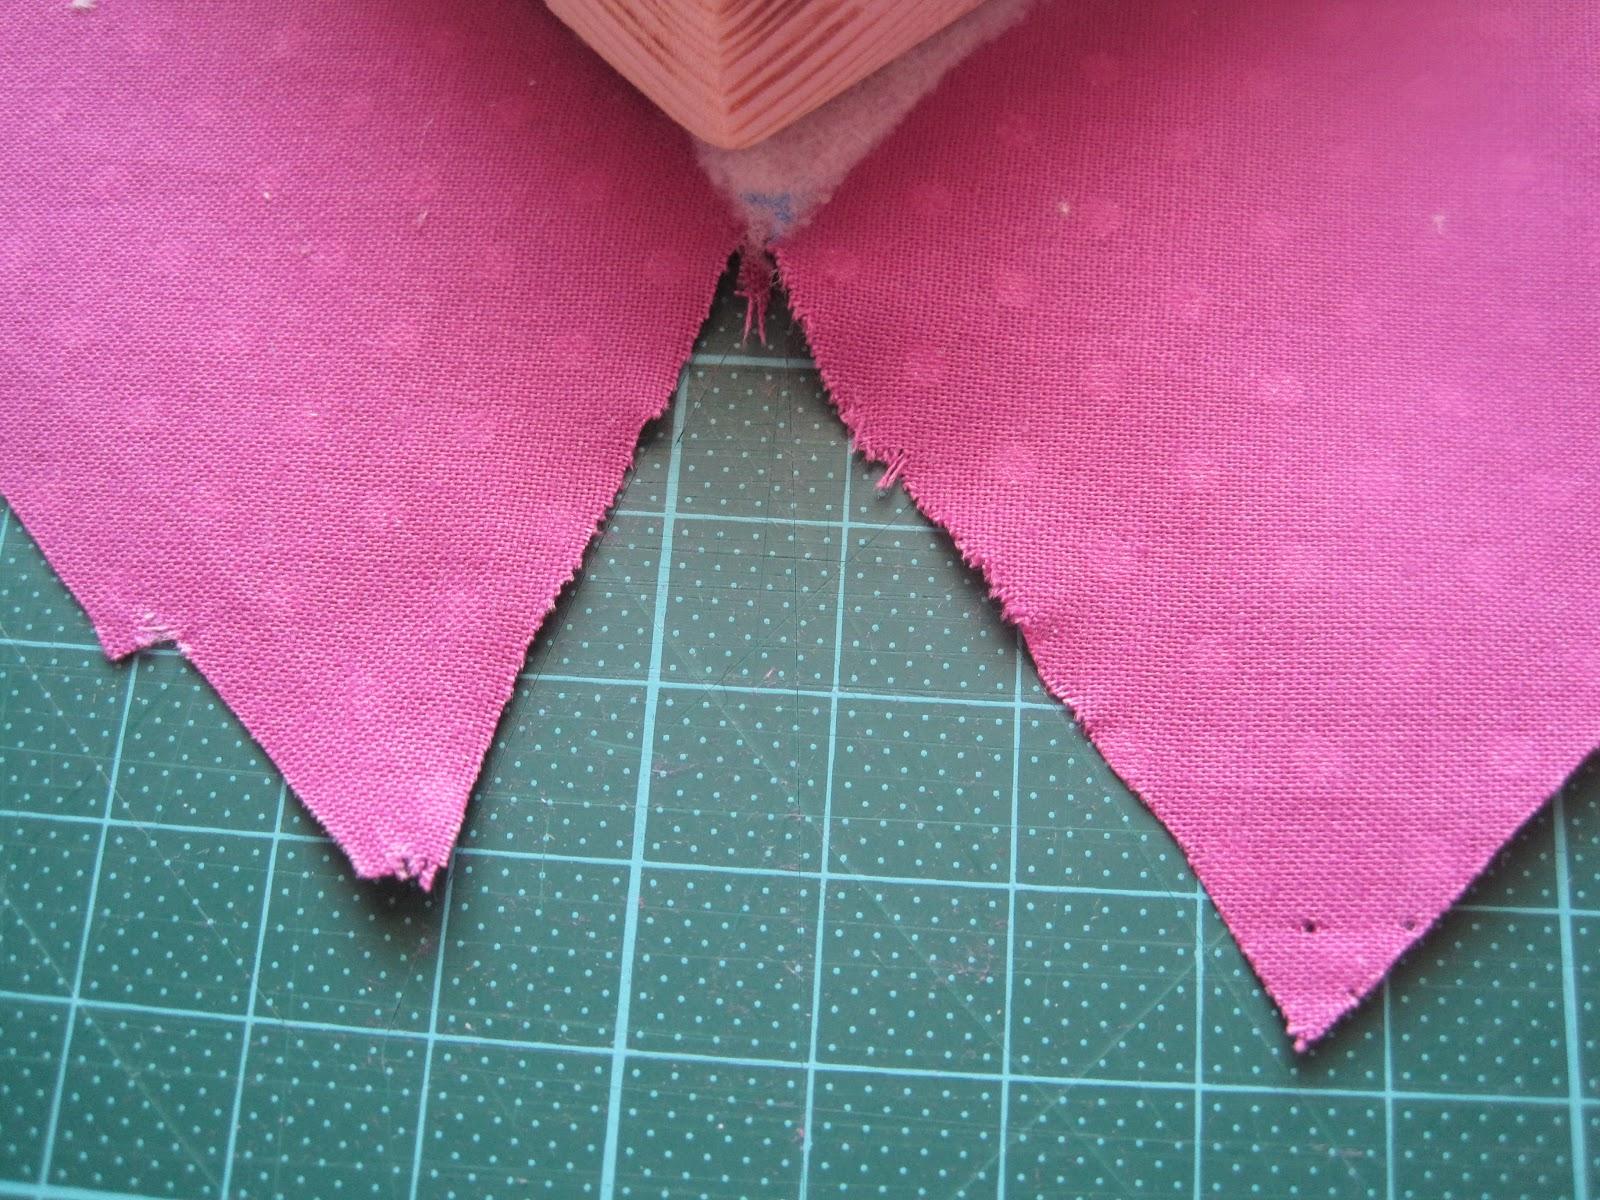 An der spitze des herzens habe ich ein dreieck ausgeschnitten wieder für das falten des stoffes später